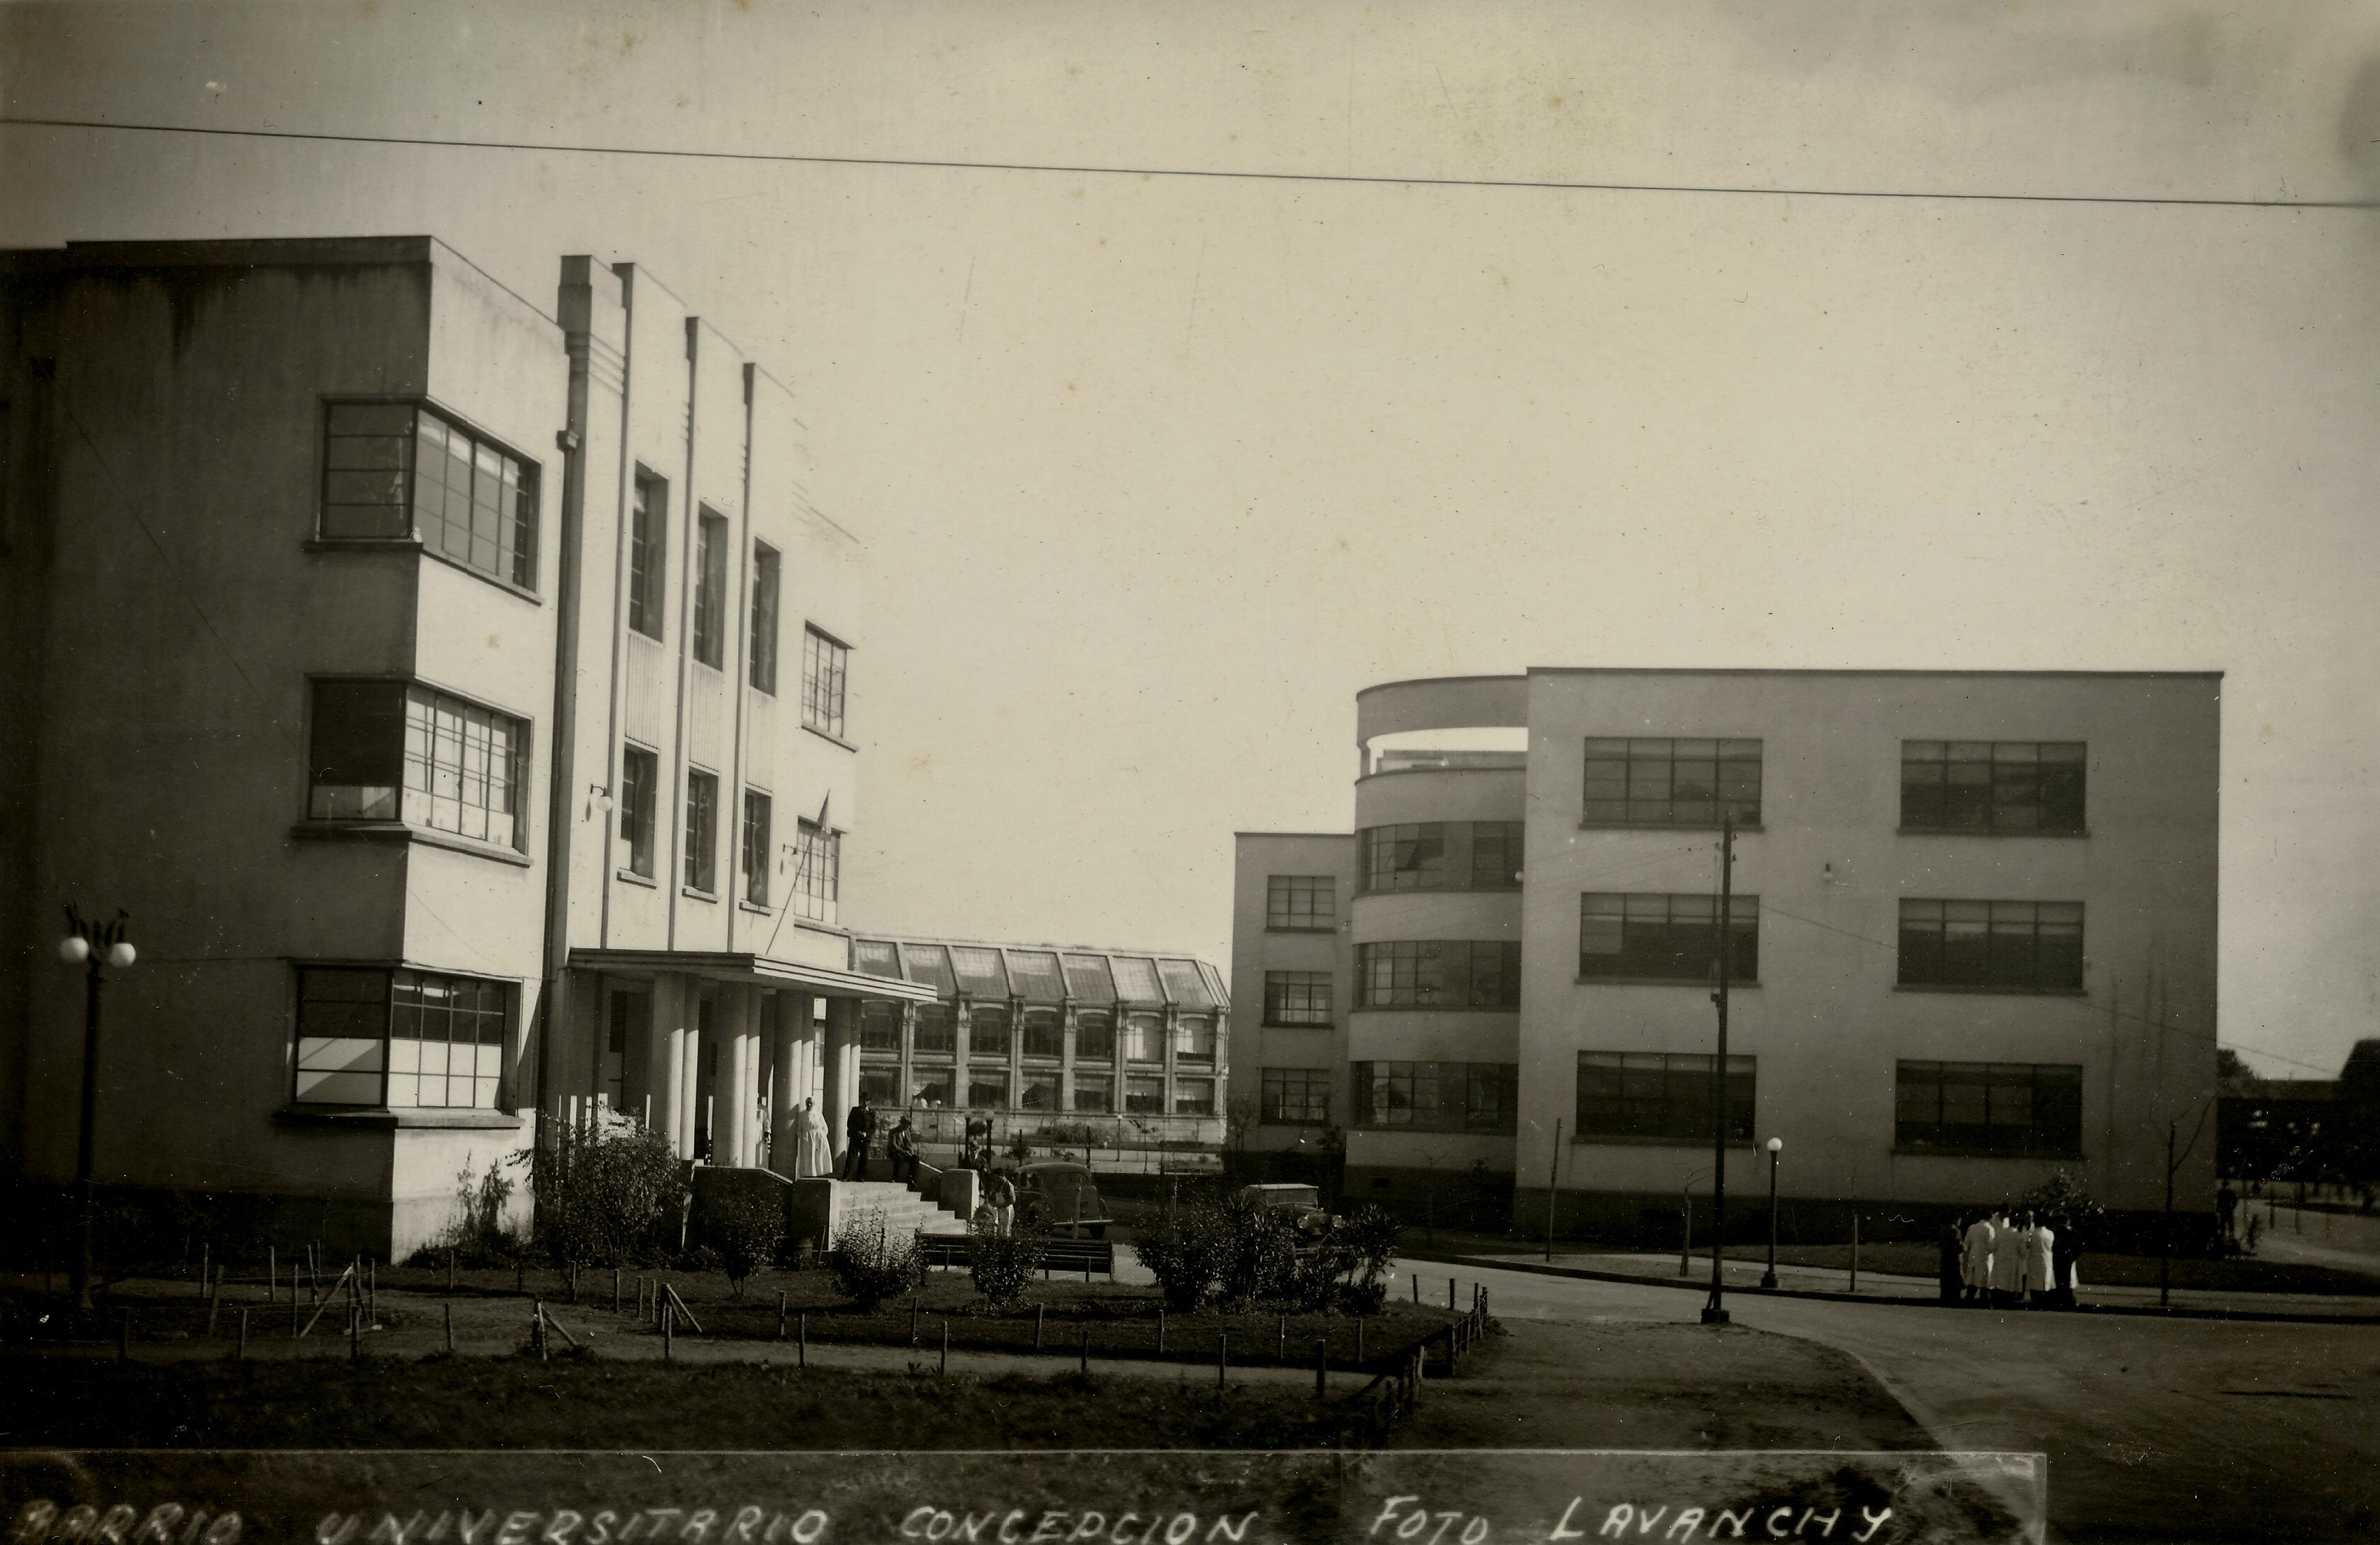 Enterreno - Fotos históricas de chile - fotos antiguas de Chile - Facultades de la Universidad de Concepción en 1938